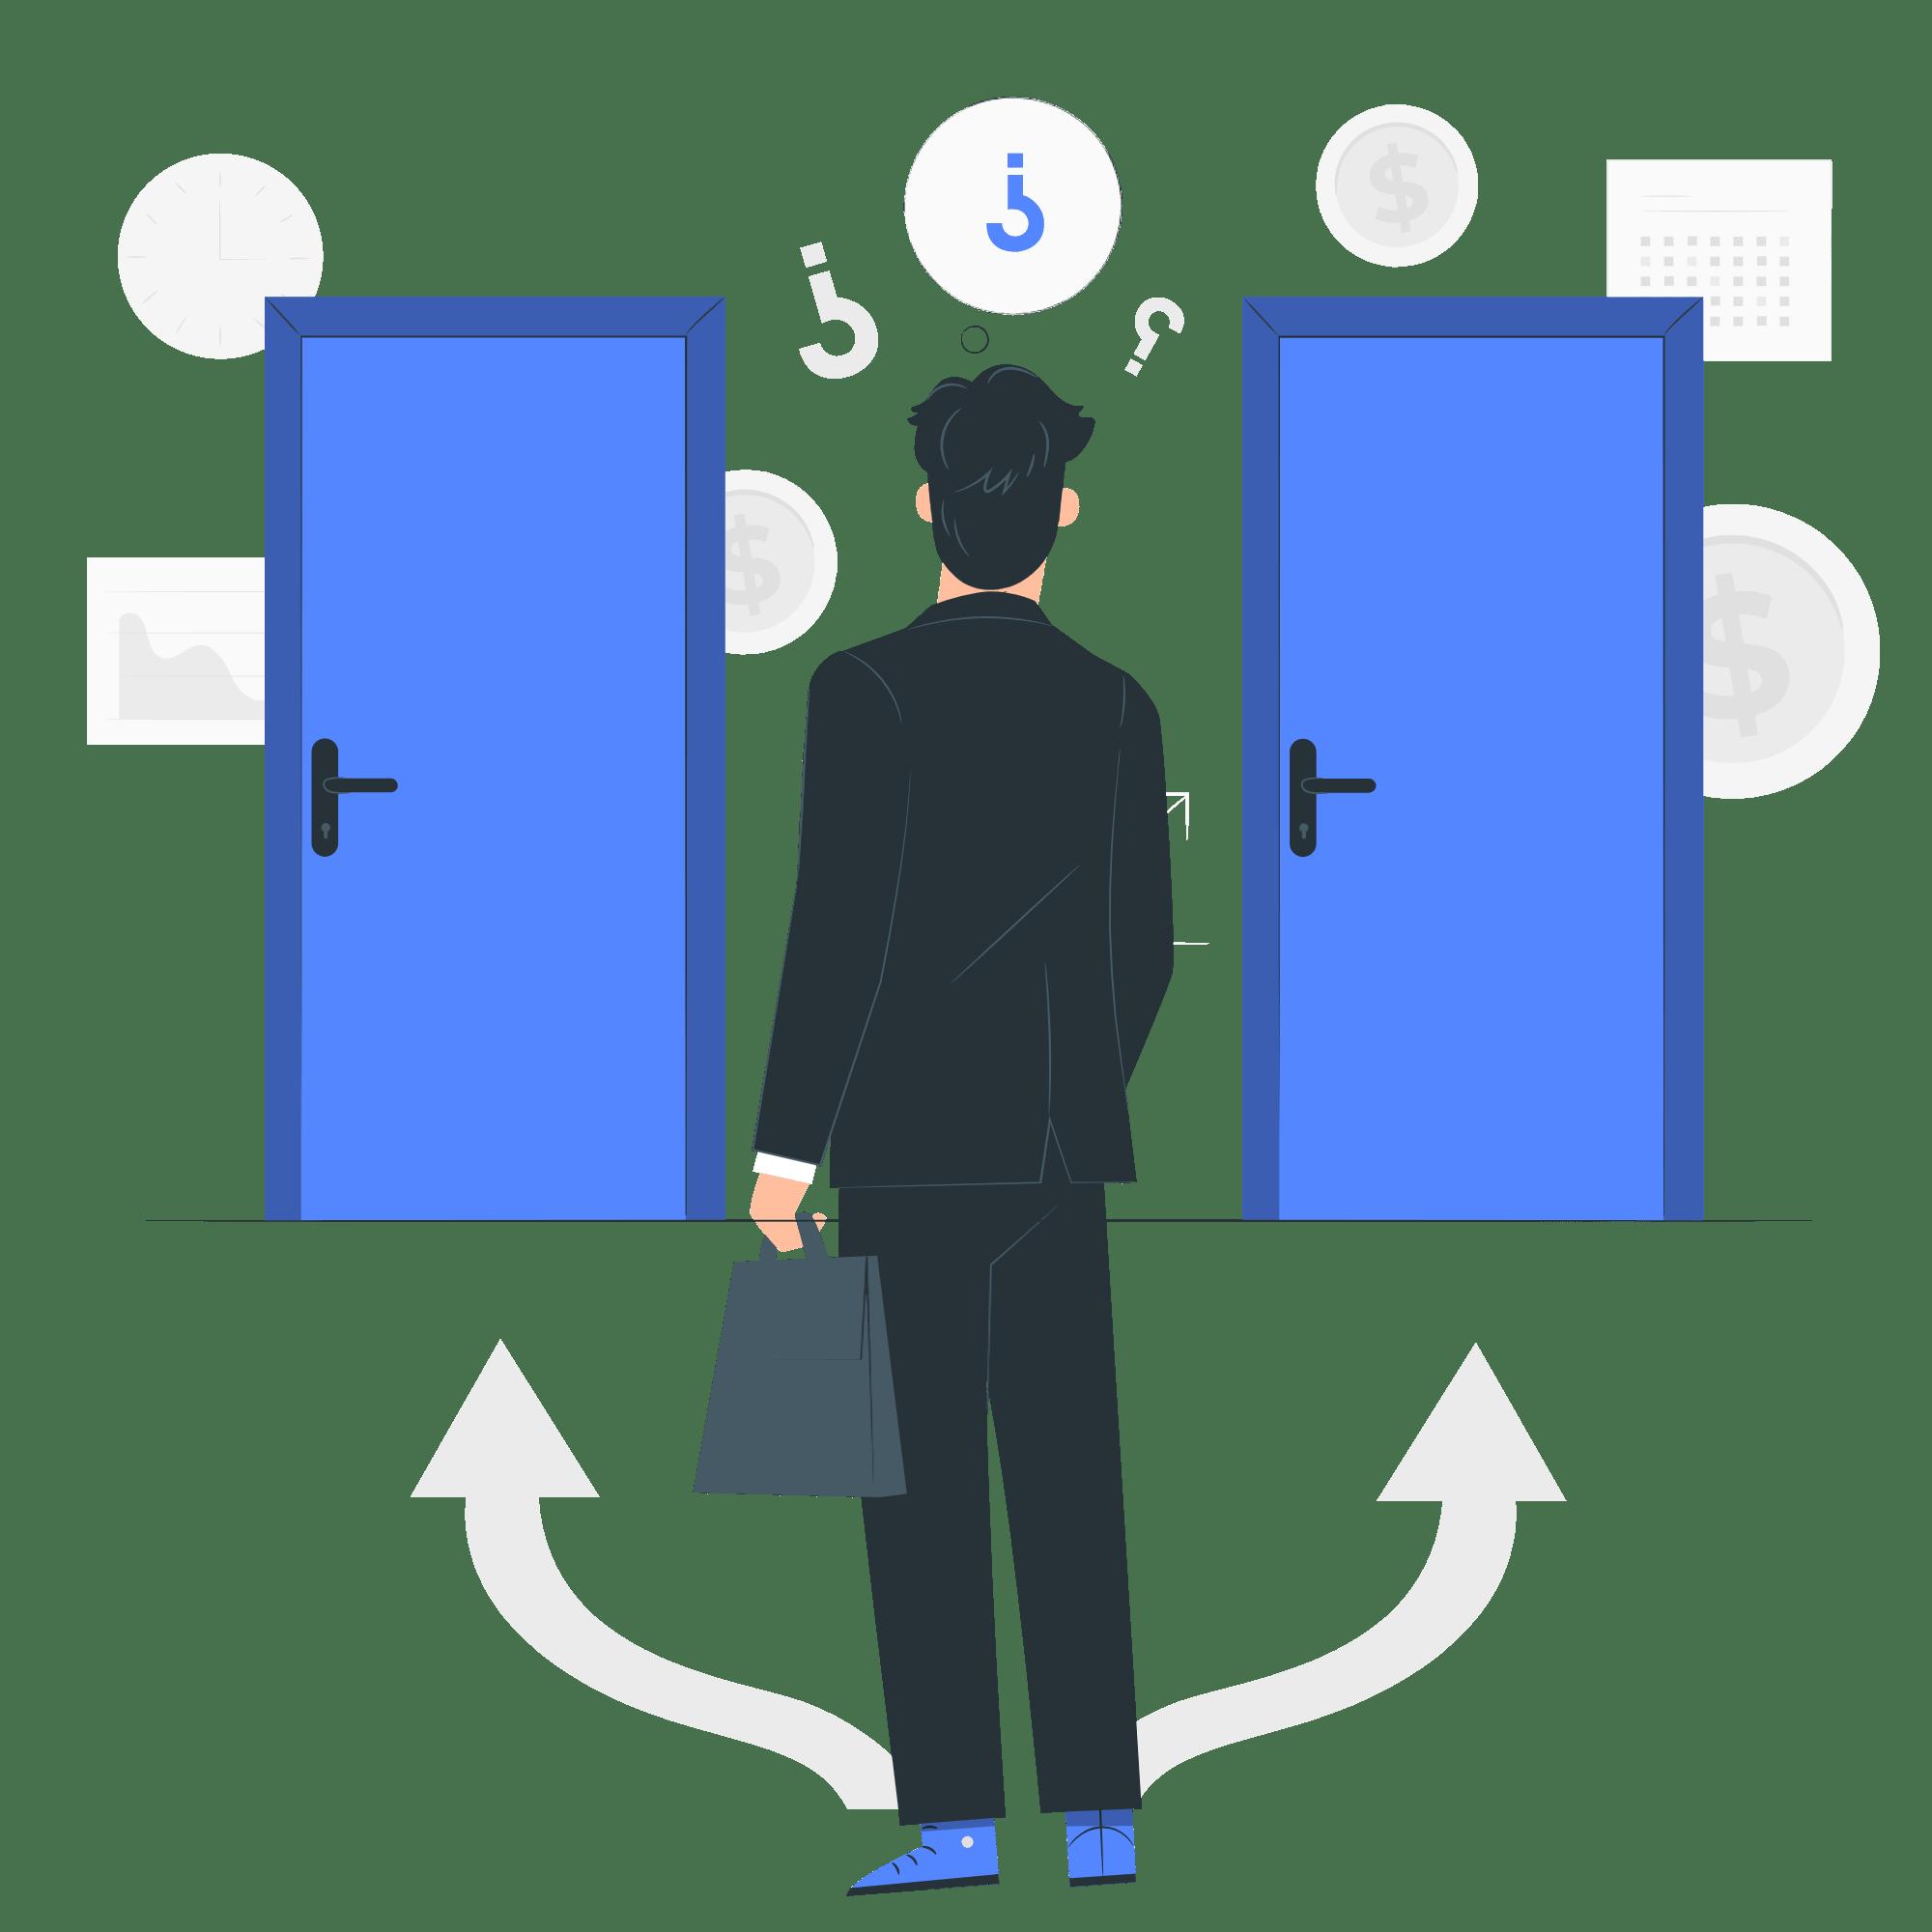 ¿Qué es el capital de una empresa?